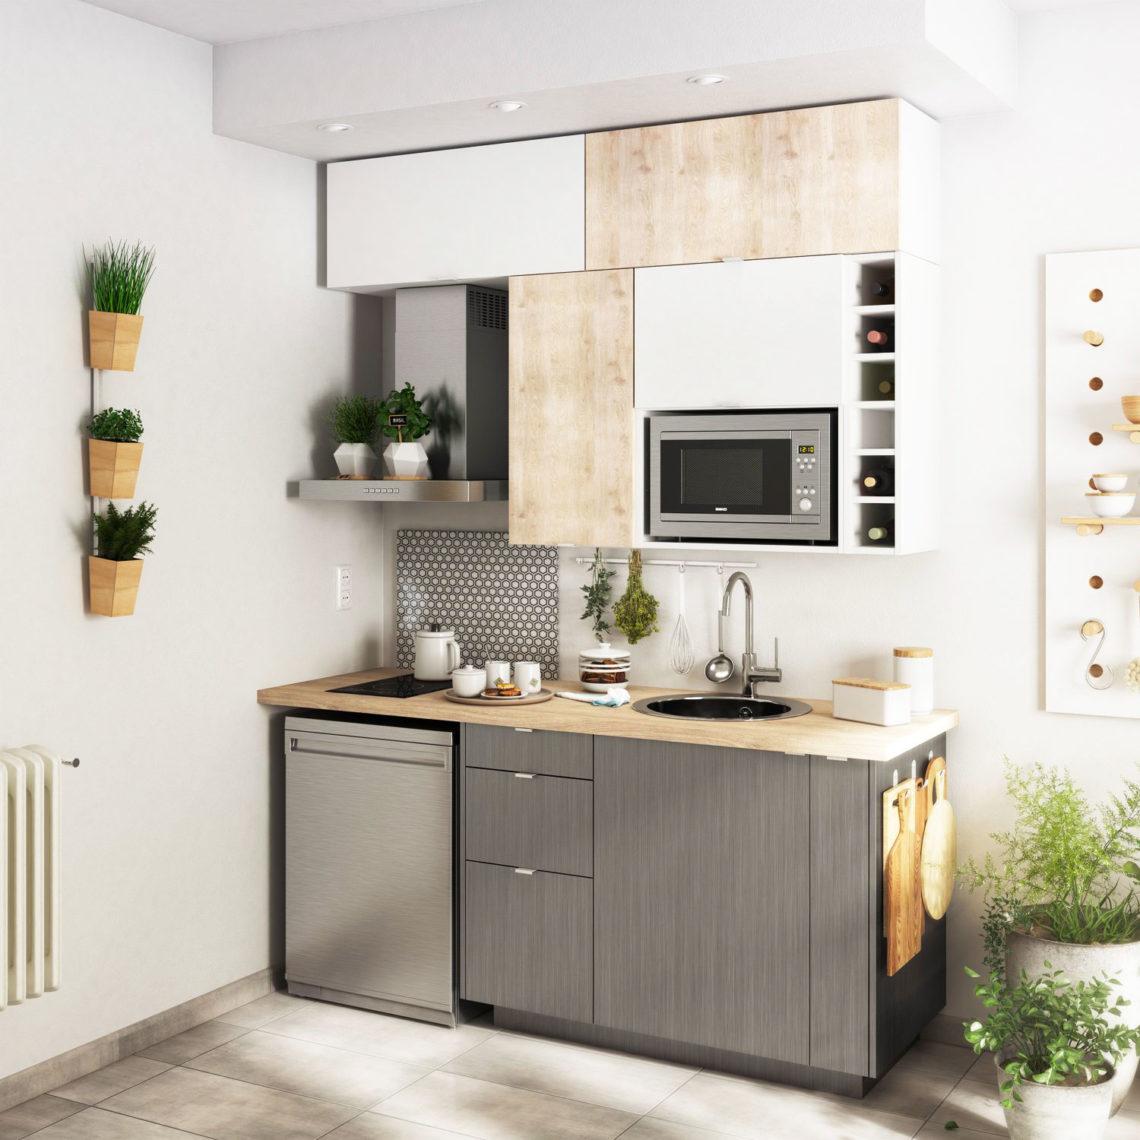 Cuisine Ikea Leroy Merlin Ou Brico Depot Le Comparatif Complet